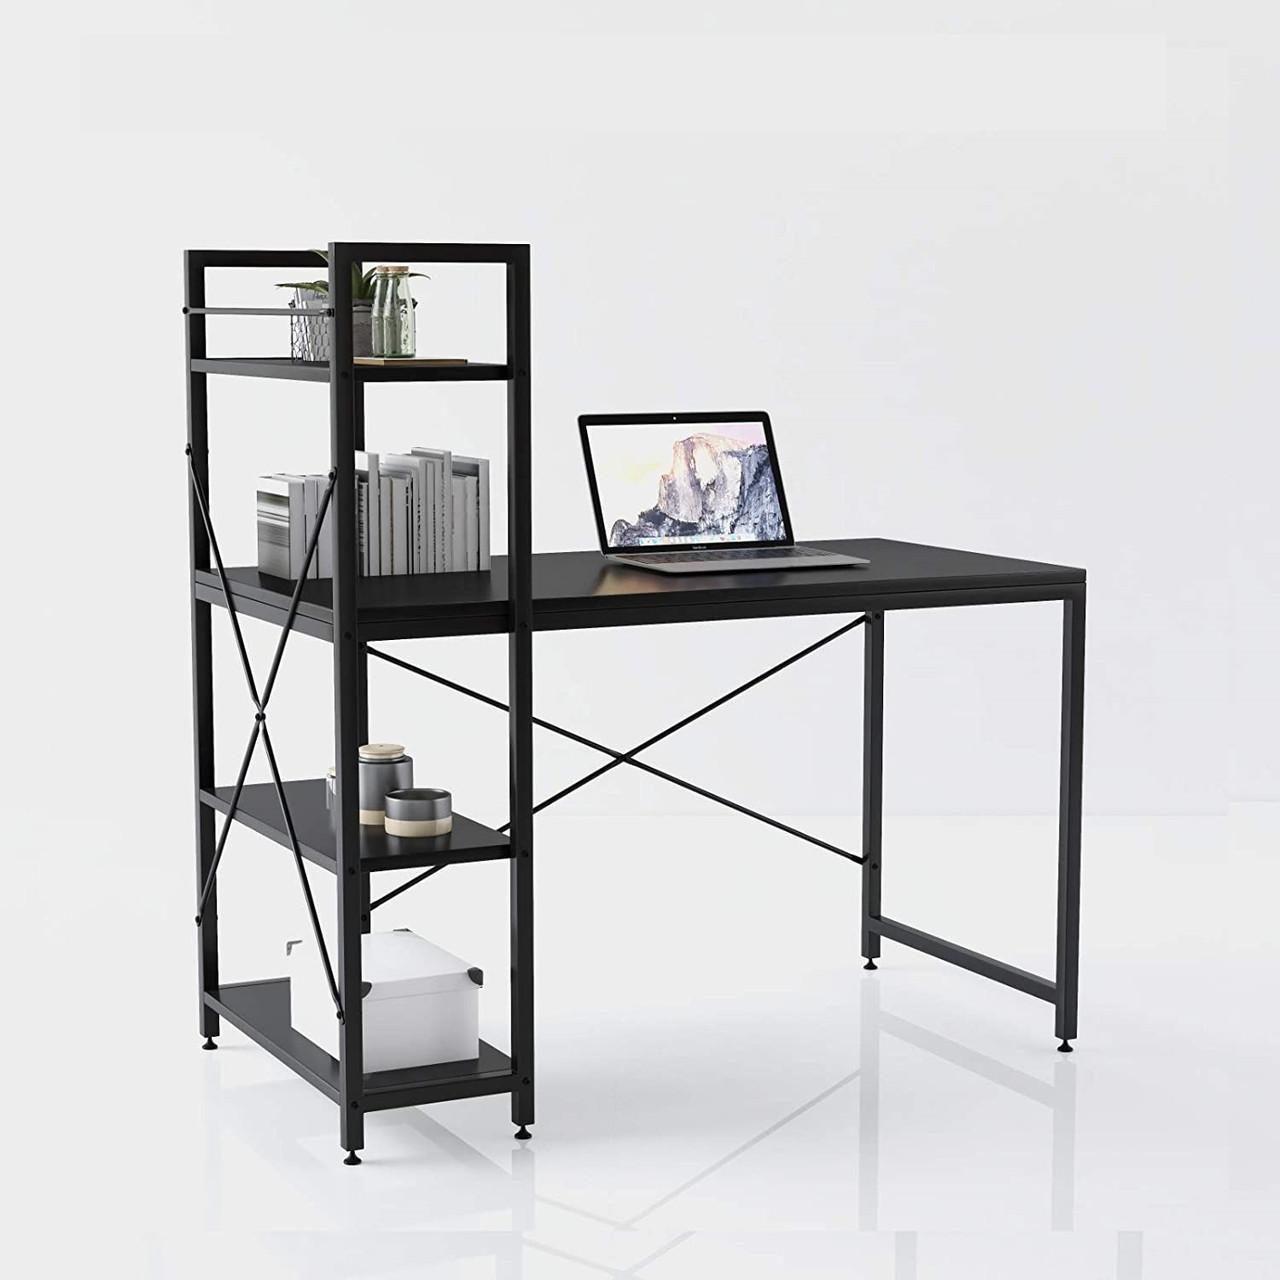 Комп'ютерний стіл VALENCY в стилі Loft Стіл для комп'ютера письмовий з полицею Лофт